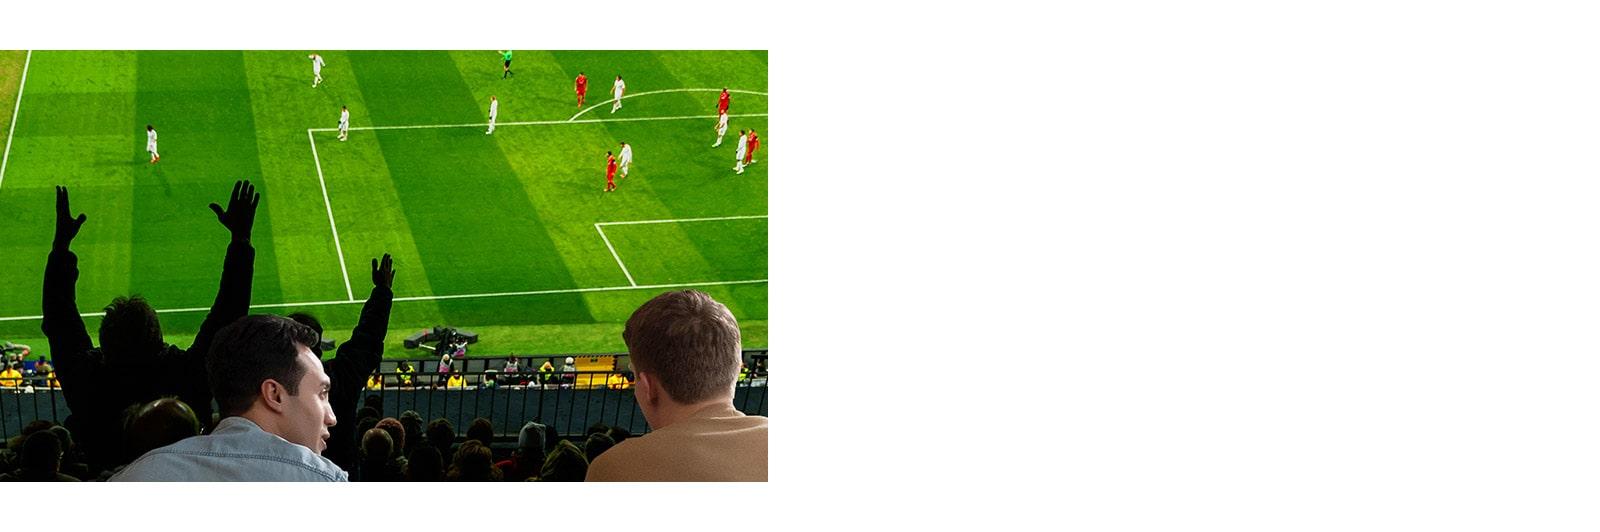 Ludzie oglądający sport w salonie na ultradużym ekranie telewizora